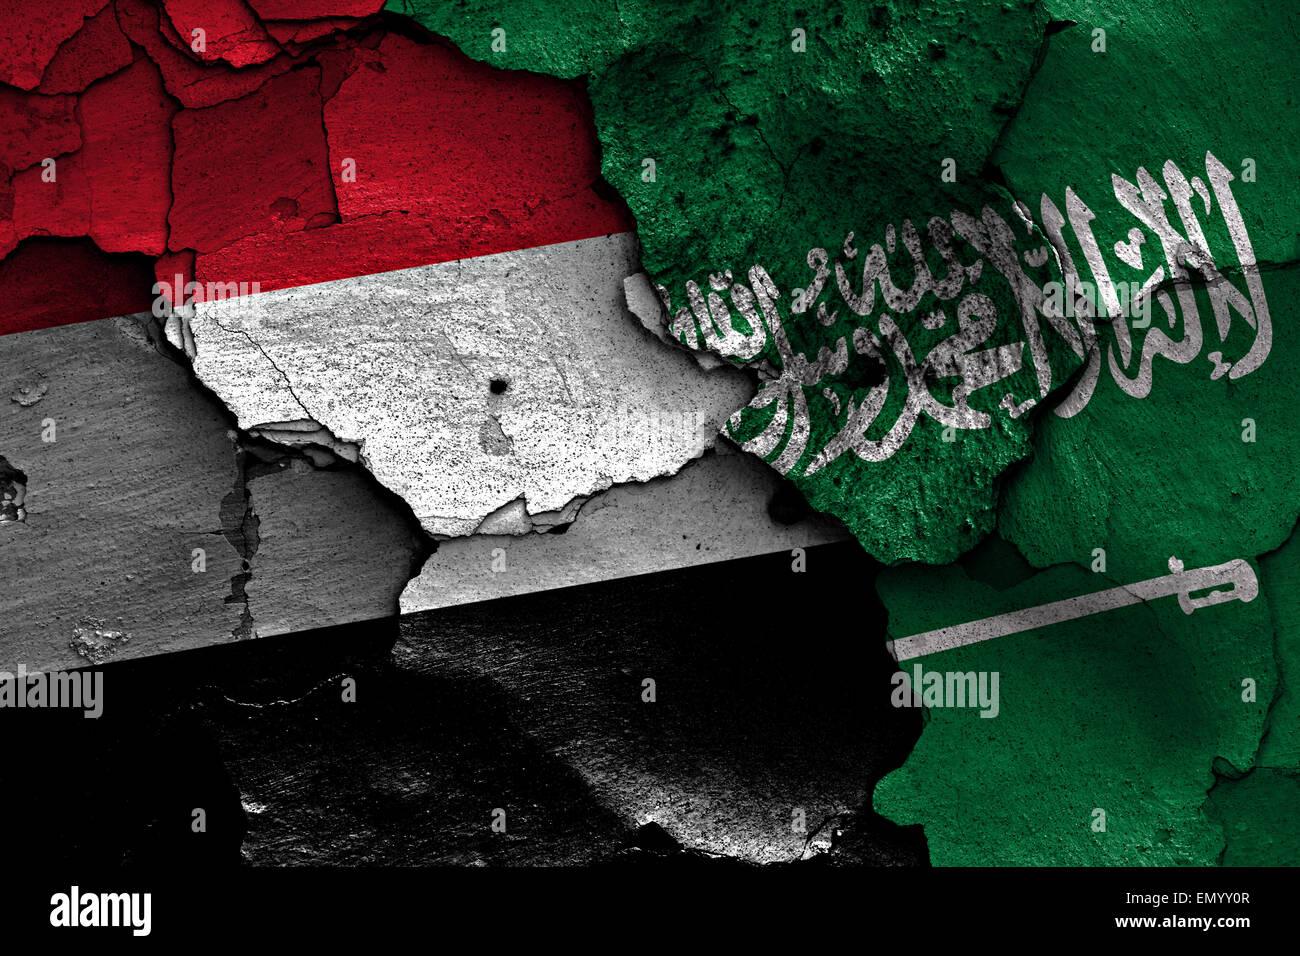 yemen saudi arabia conflict - Stock Image